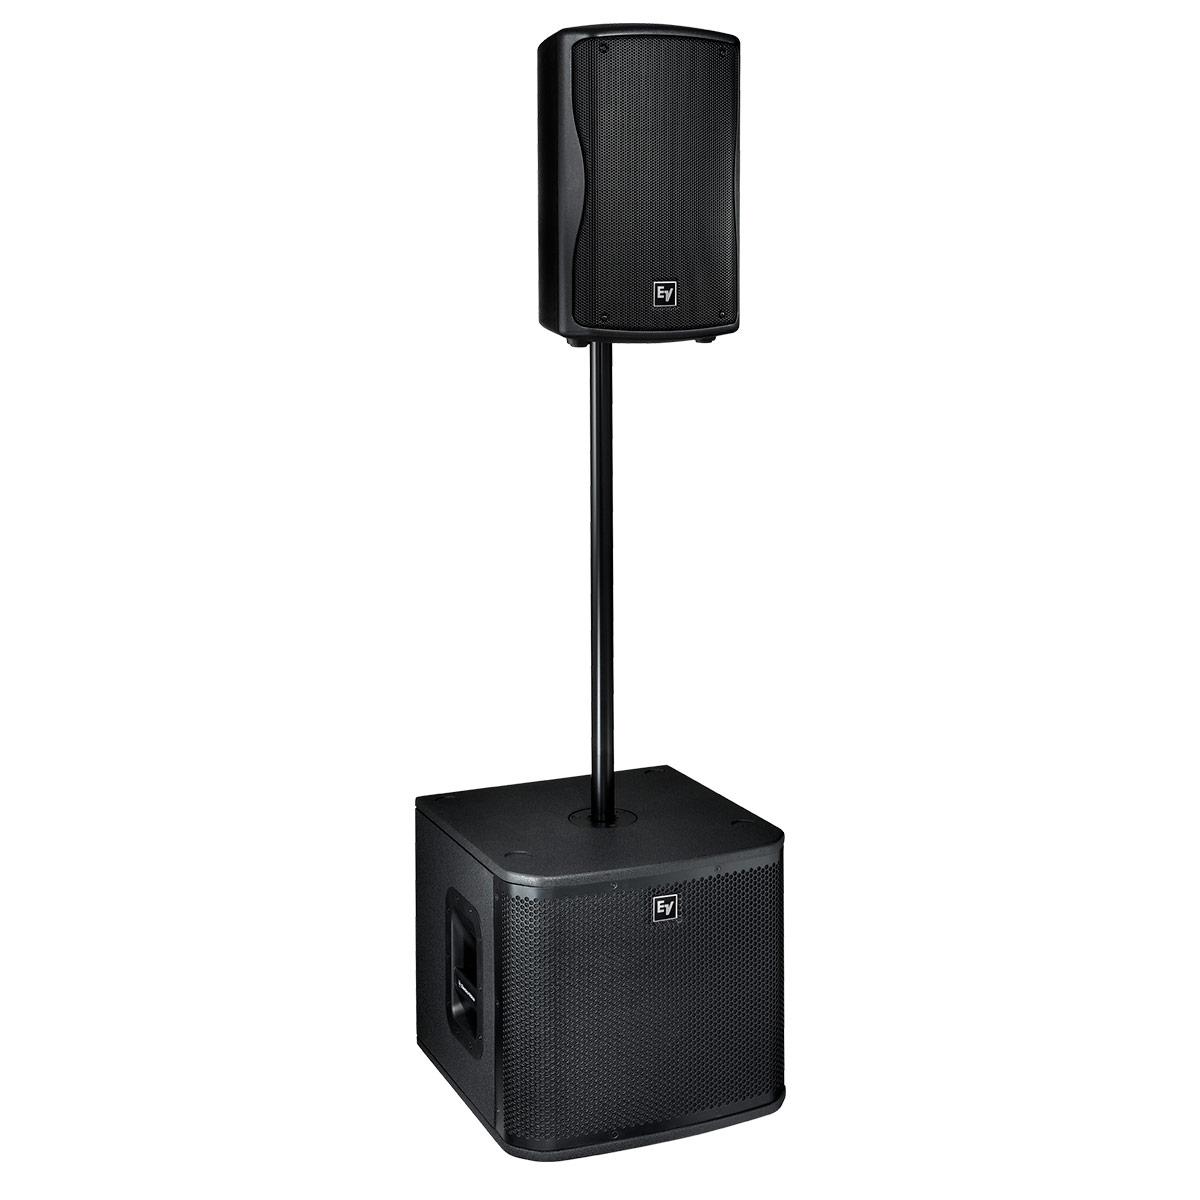 Caixa Ativa Fal 8 Pol 800W - Zx A1 Electro-Voice